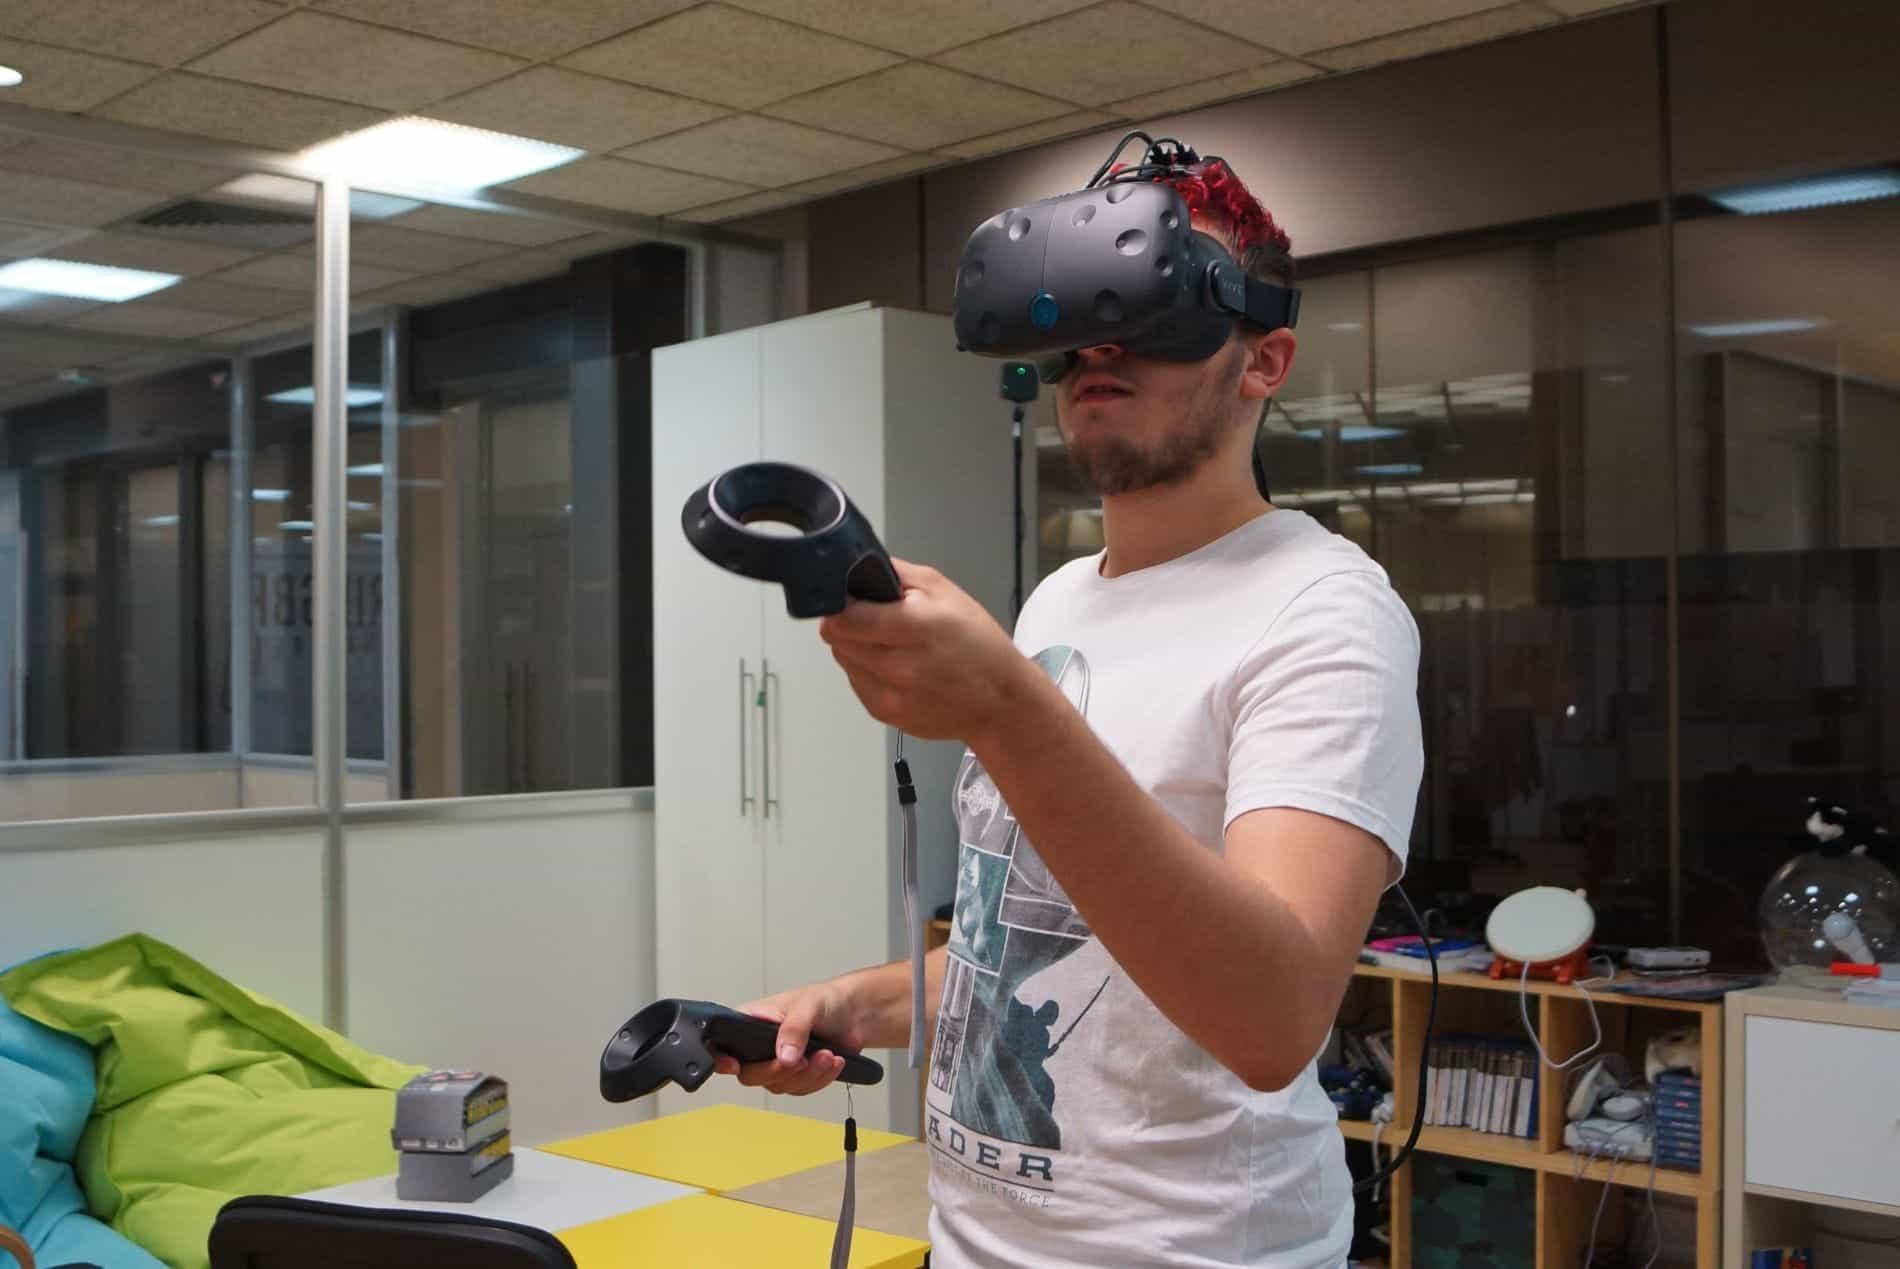 Réalité virtuelle sans fil